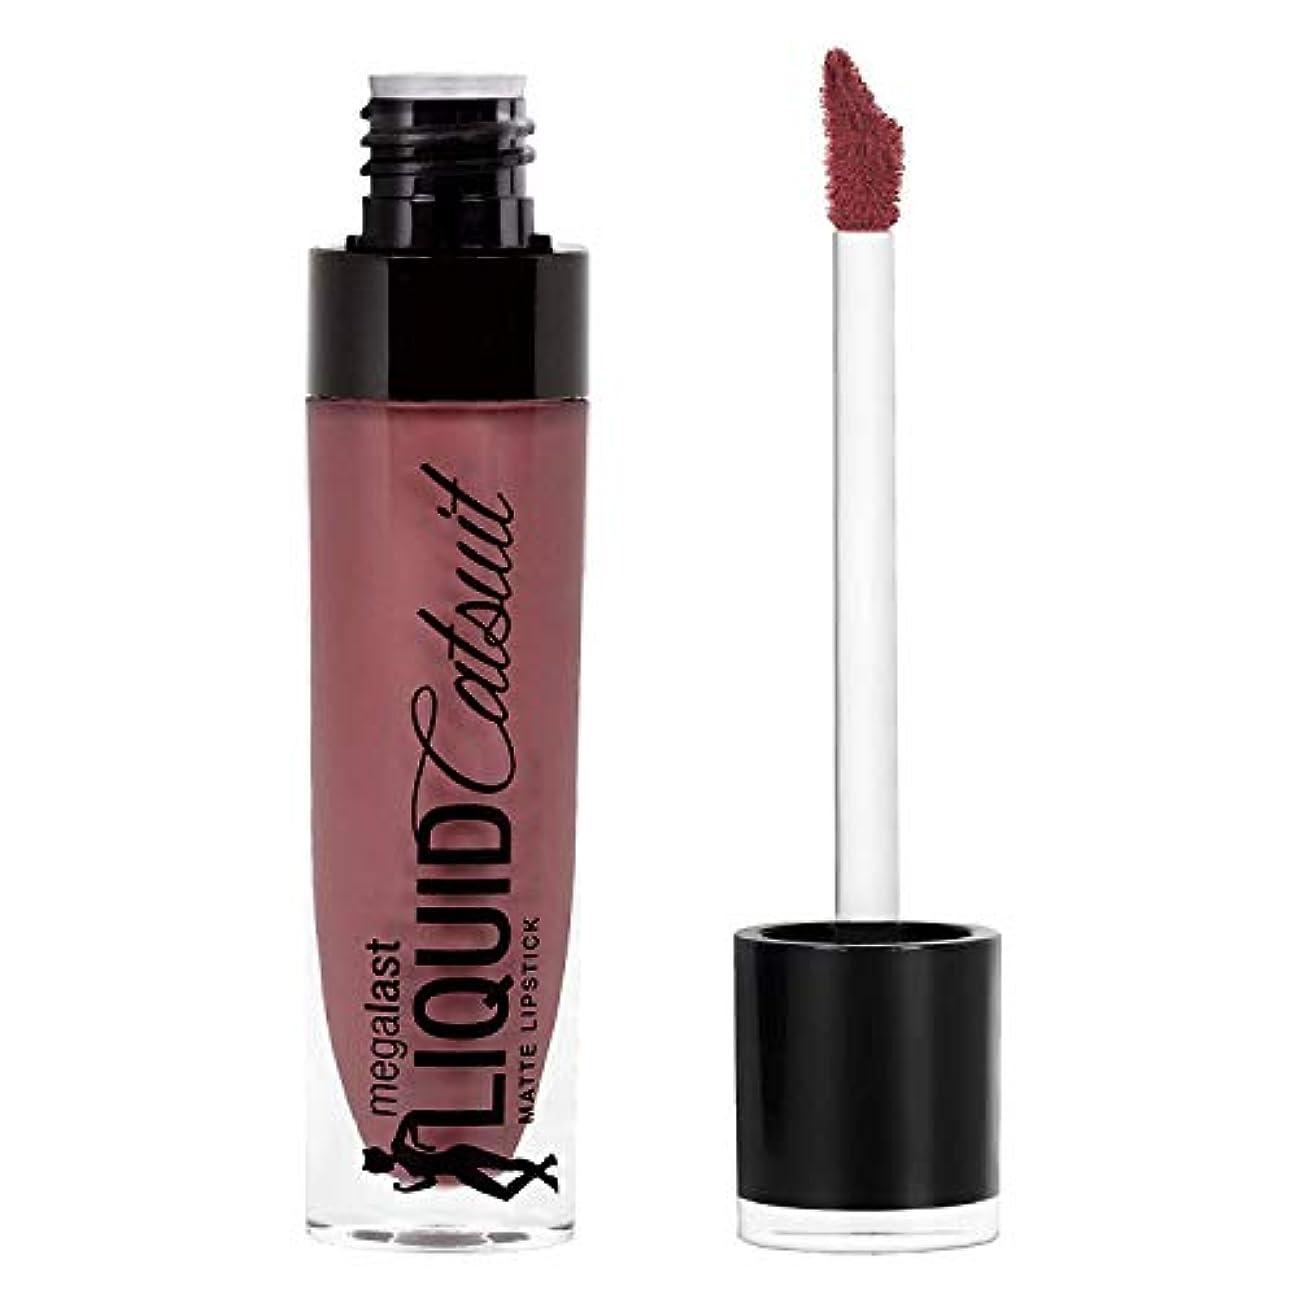 失業者葡萄時代Wet n Wild Megalast Liquid Catsuit Matte Lipstick, Rebel Rose, 6g